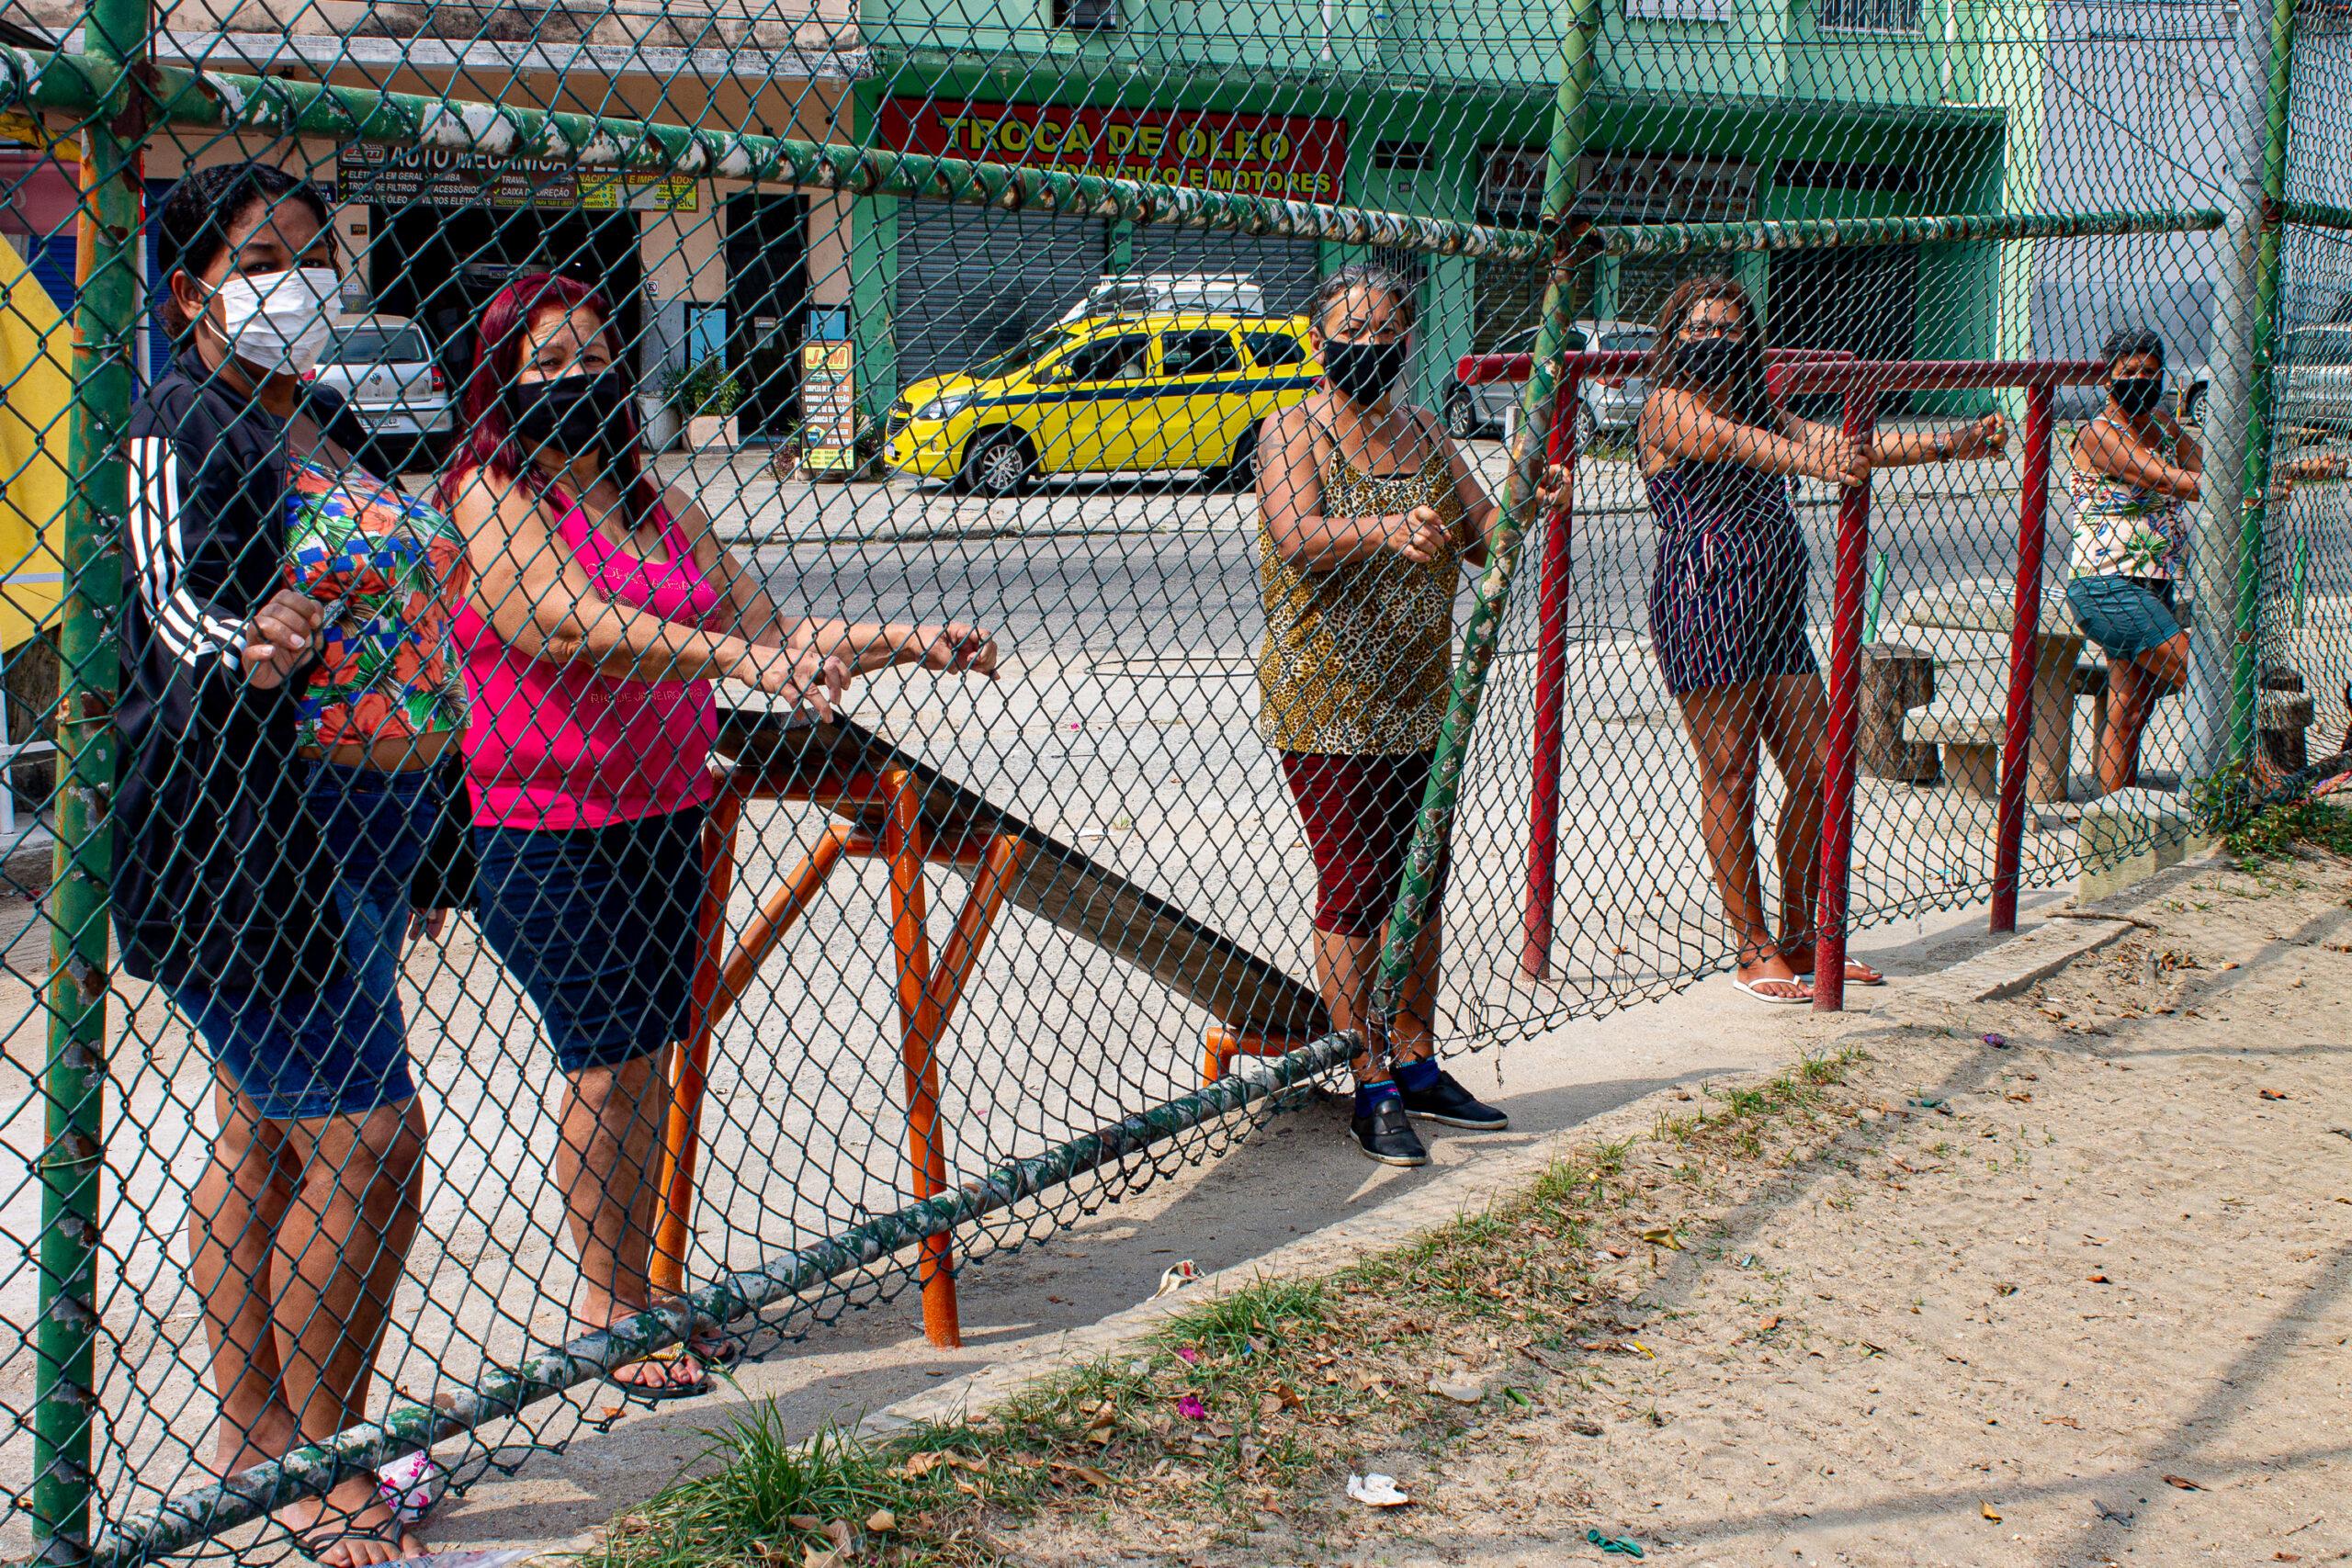 Foto: Vilma Ribeiro / Voz das Comunidades